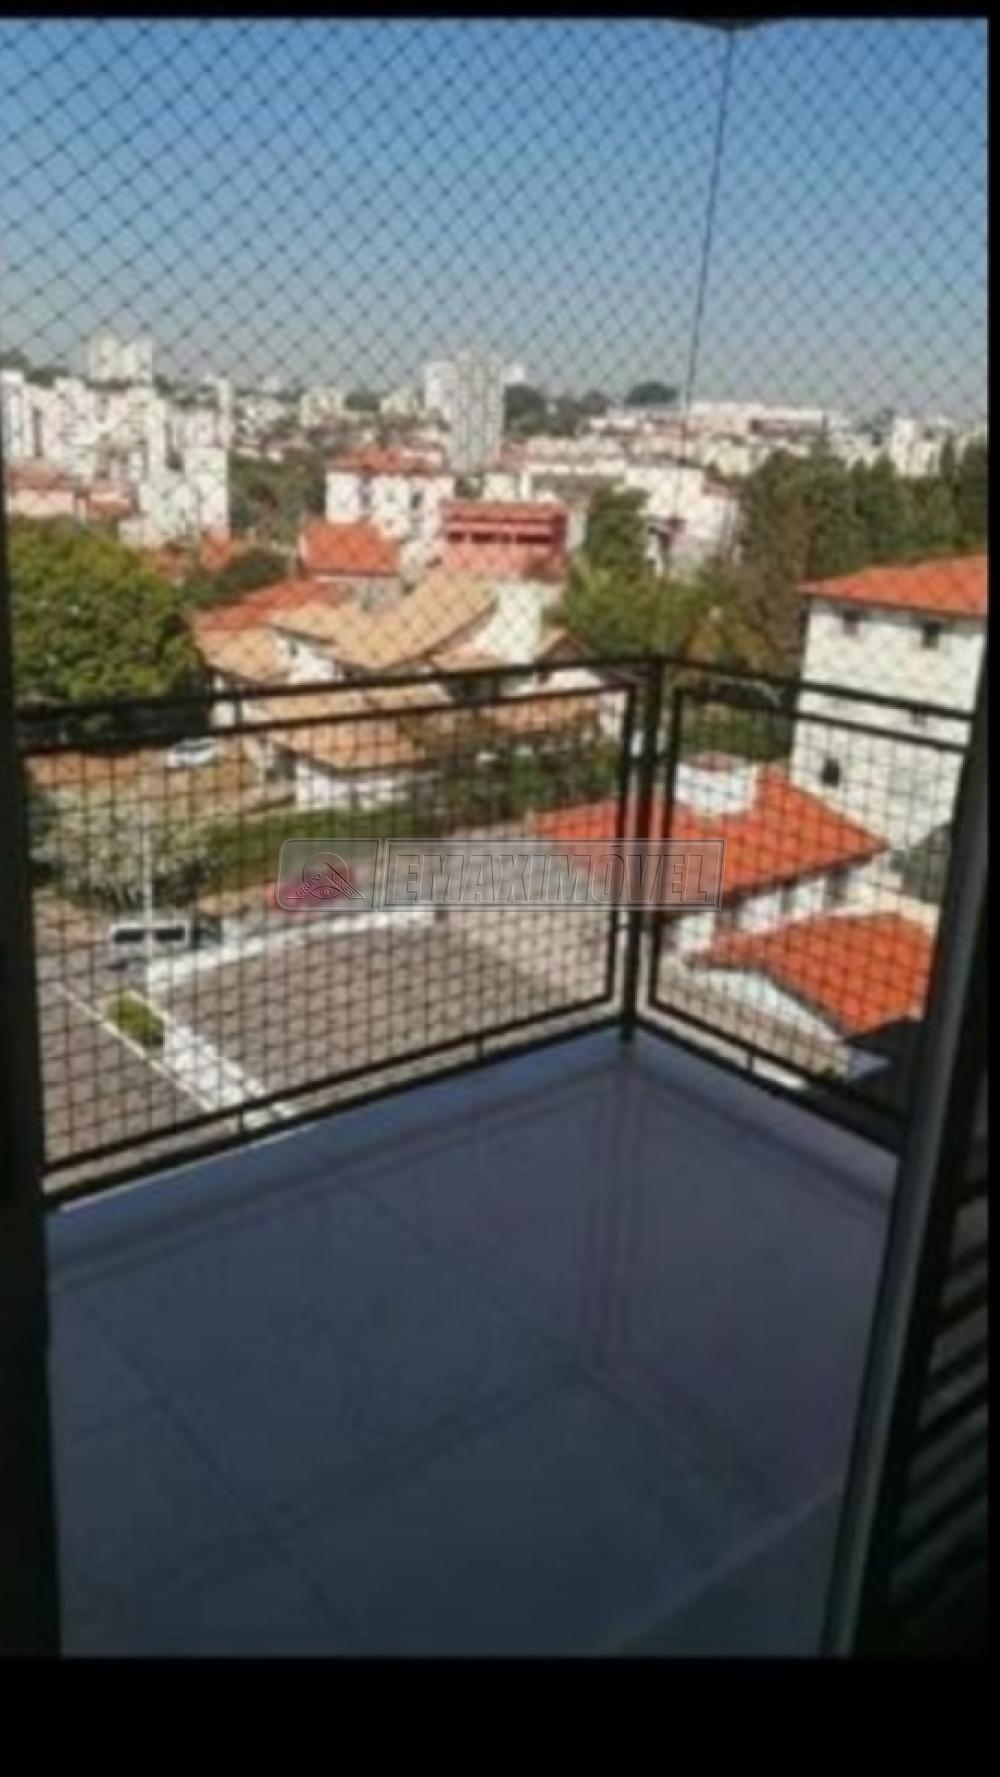 Comprar Apartamentos / Apto Padrão em Sorocaba apenas R$ 335.000,00 - Foto 6